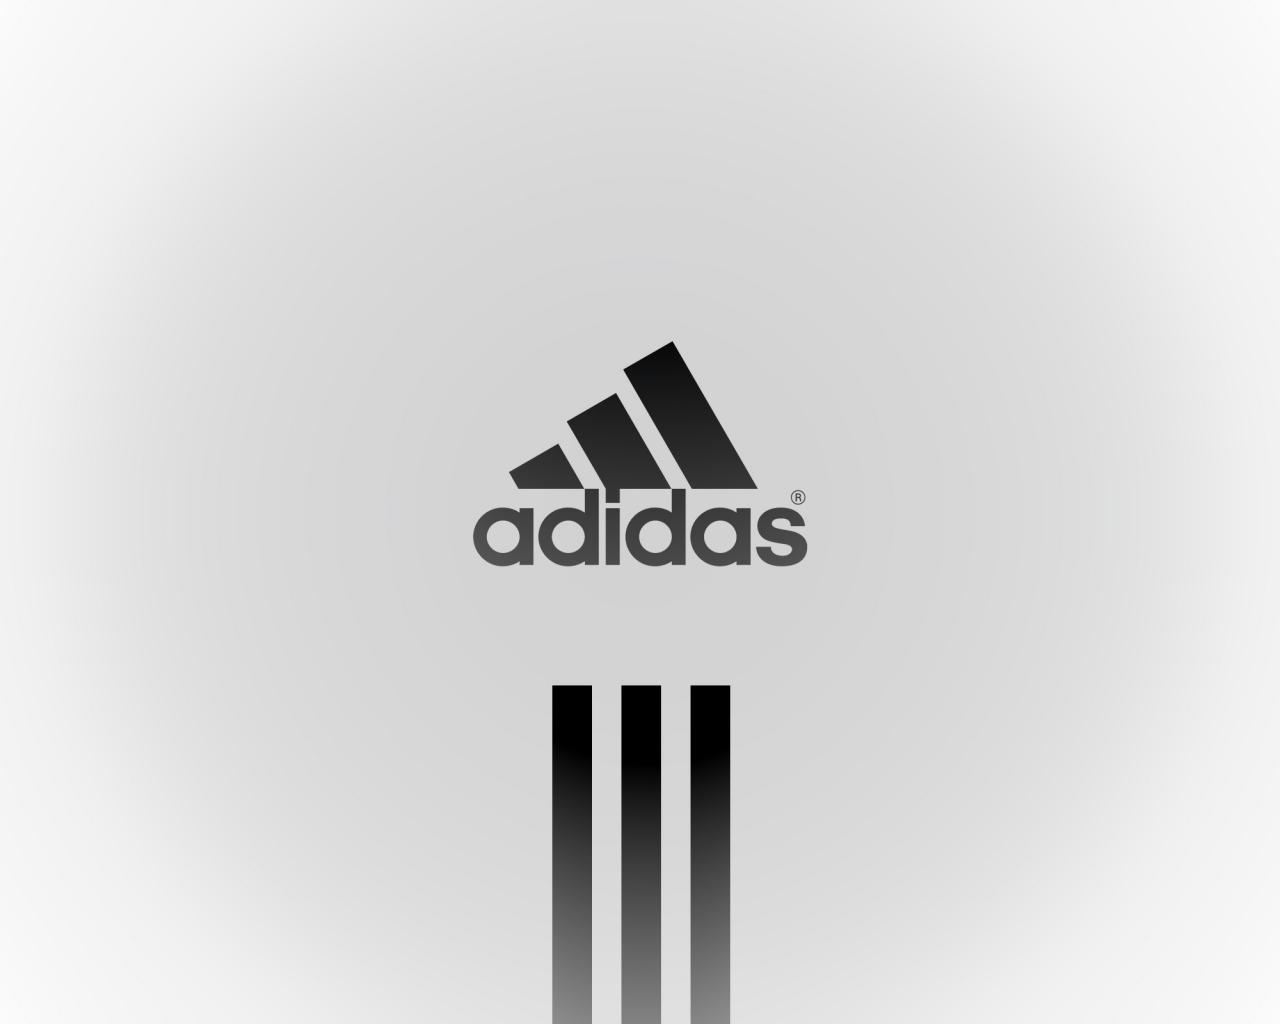 Adidas - 1280x1024